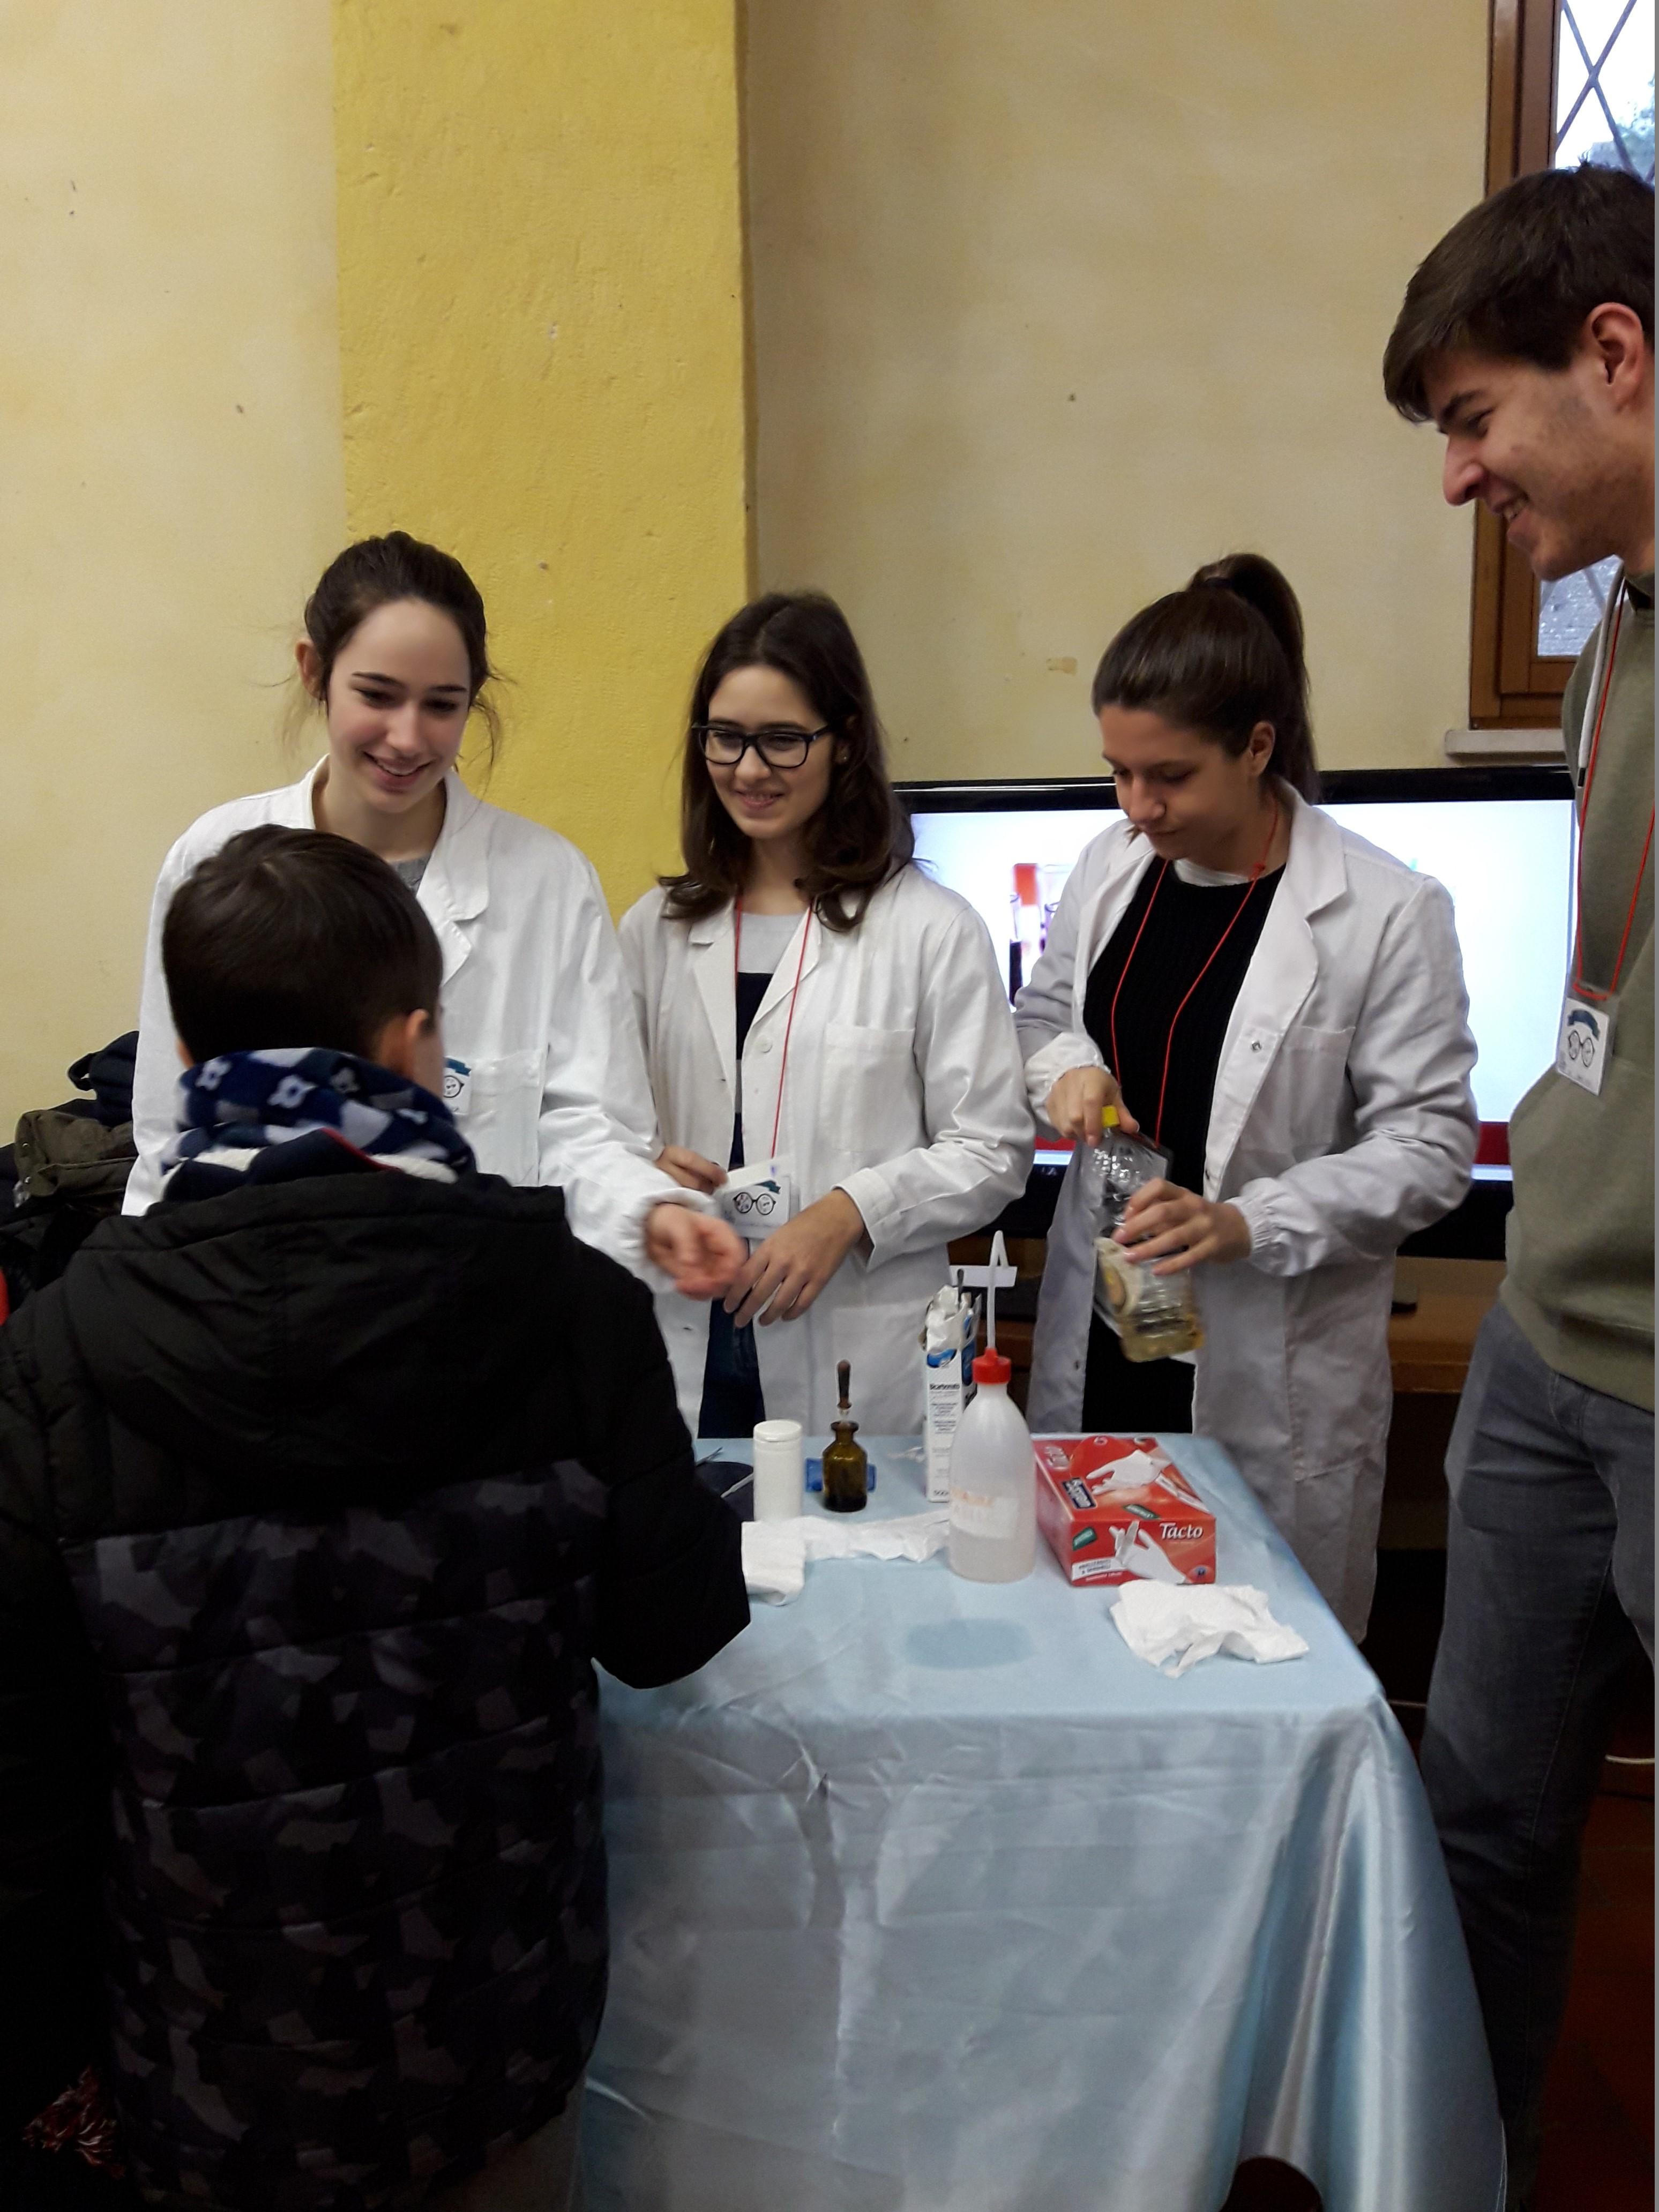 Laboratori scientifici